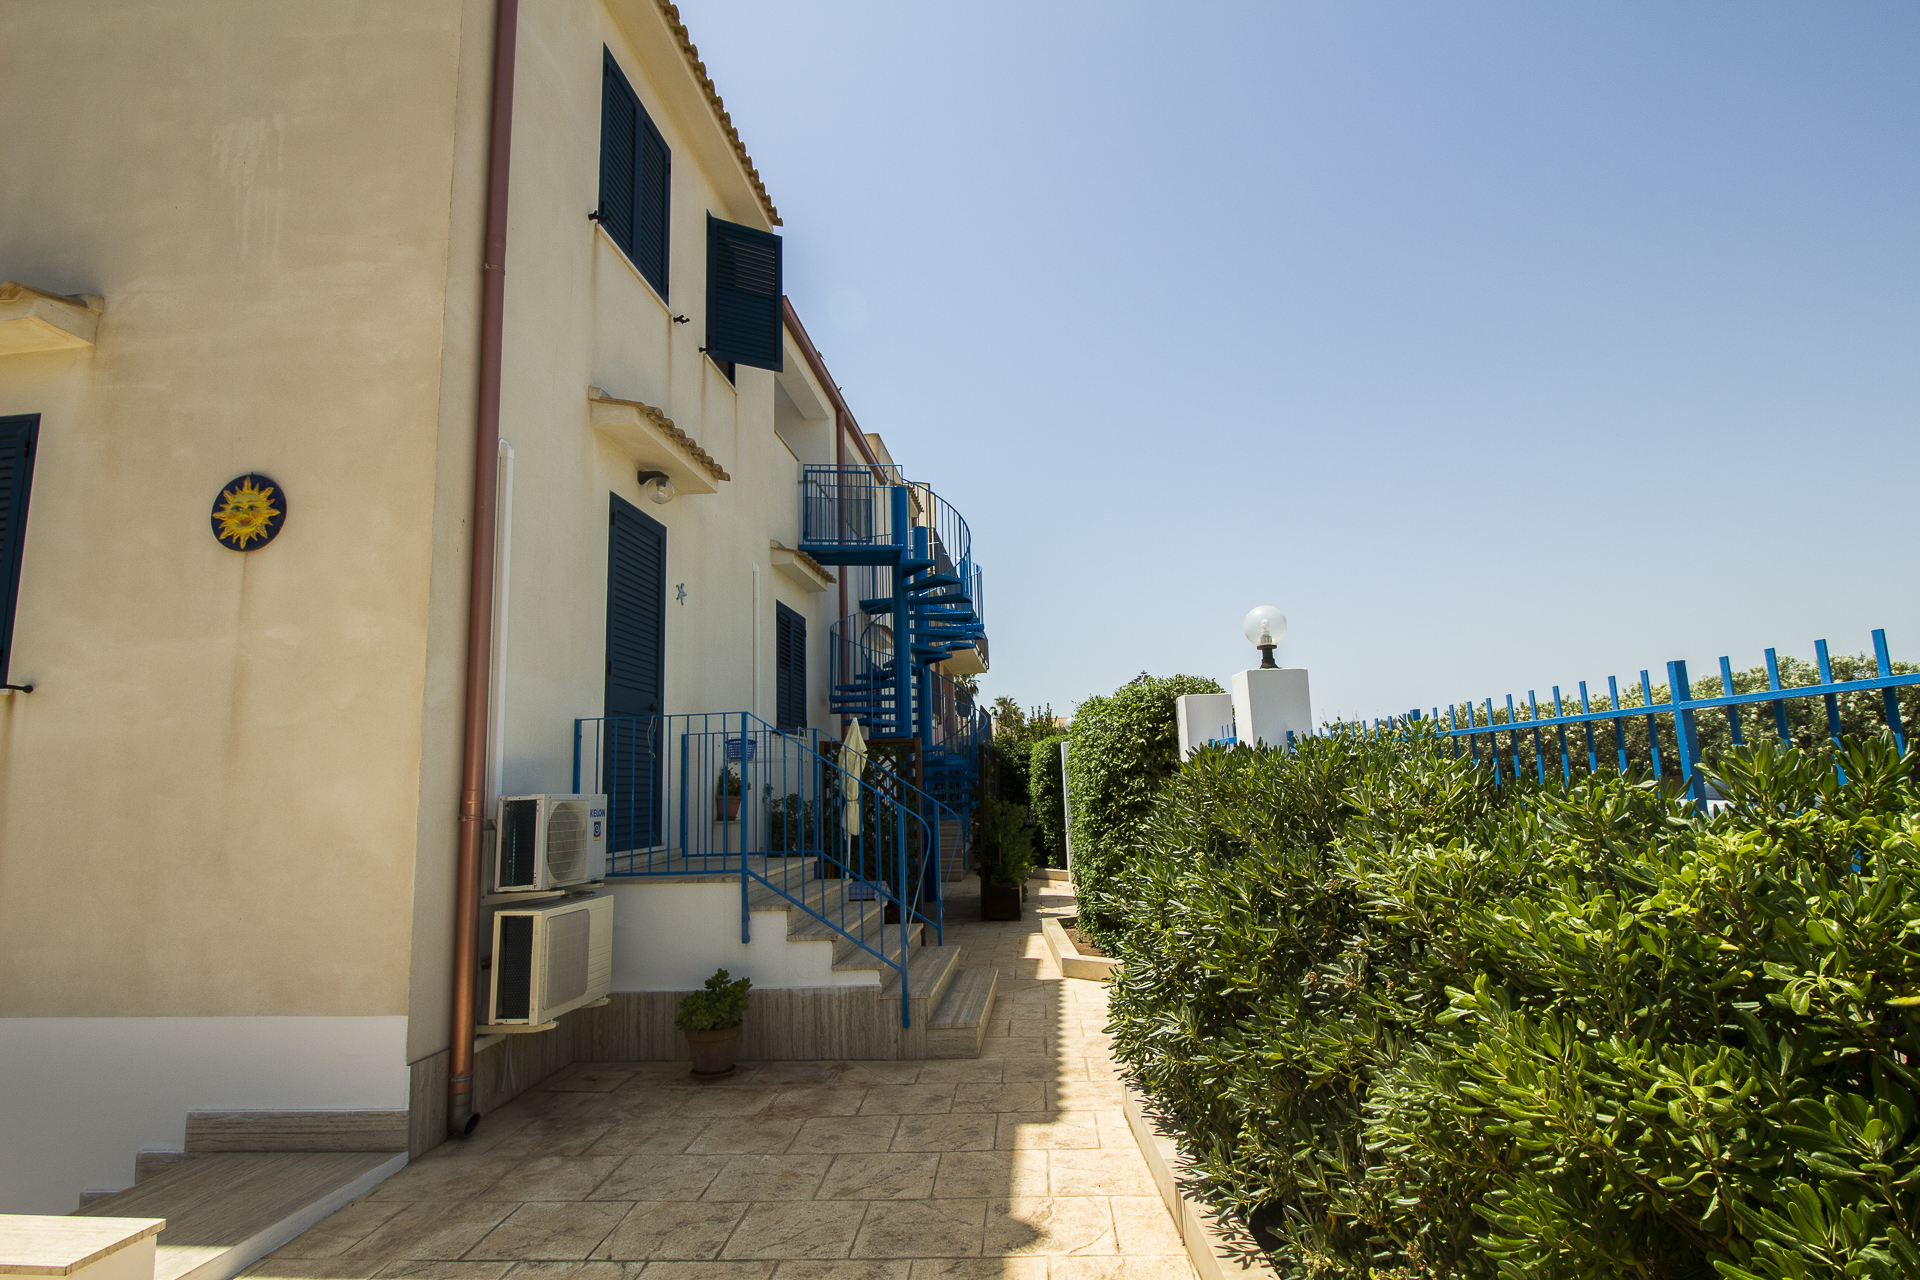 Casa vacanze Noto_sole_di_Sicilia_hotel_noto_marina_vacanze_noto_avola_siracusa_marzamemi_B&B_noto_camere_appartamenti_noto_mare_25